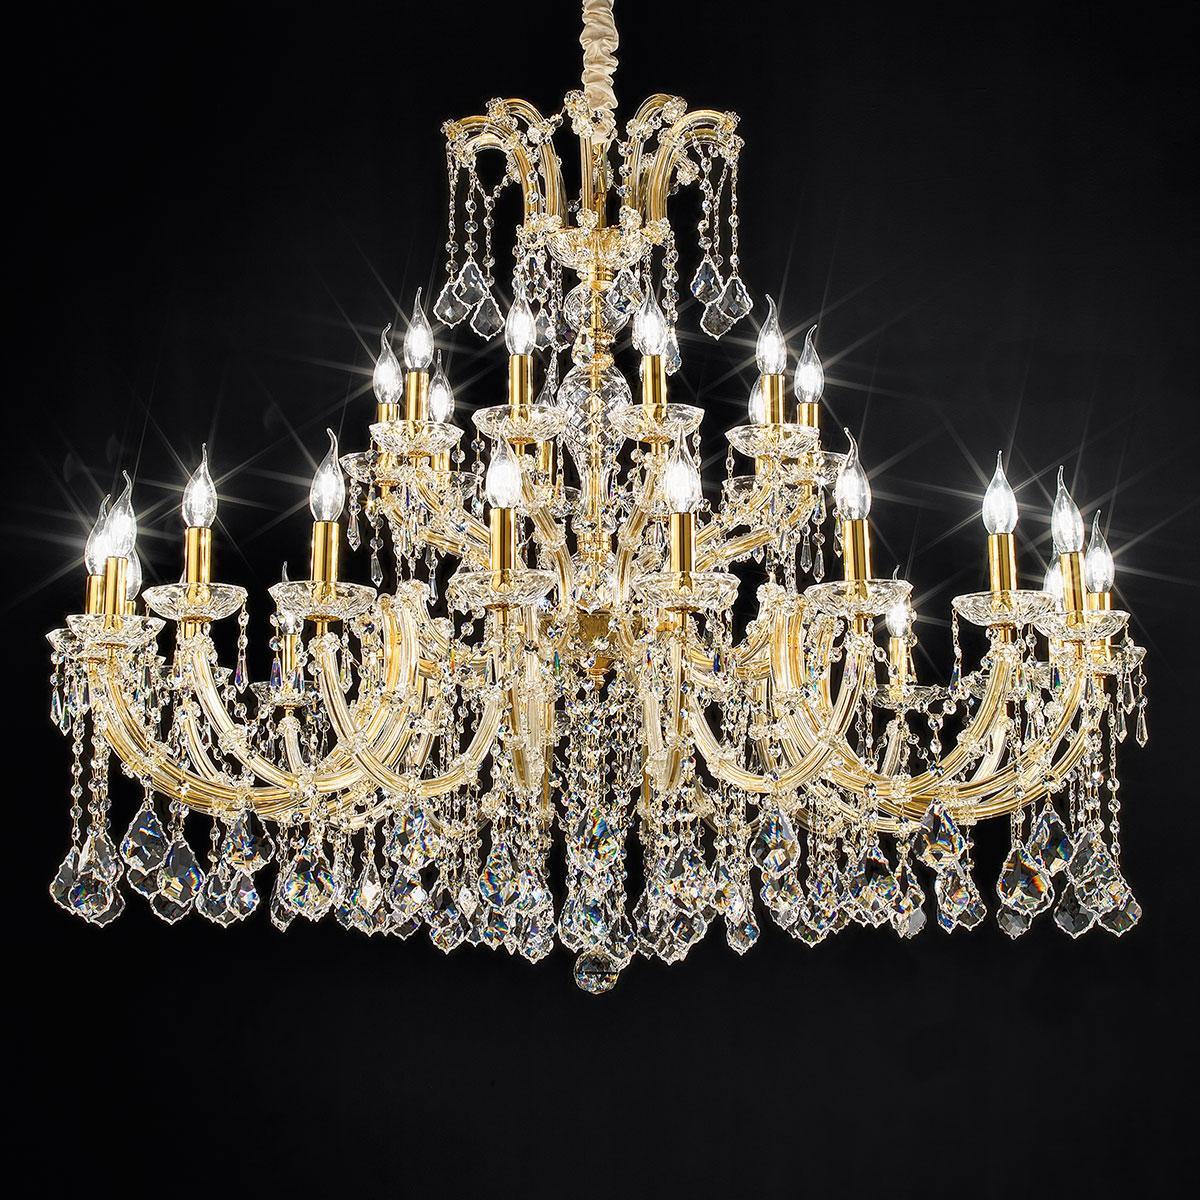 """""""Spilimbergo"""" lampara veneciana en cristal - 20+10 luces - transparente con cristal Asfour"""